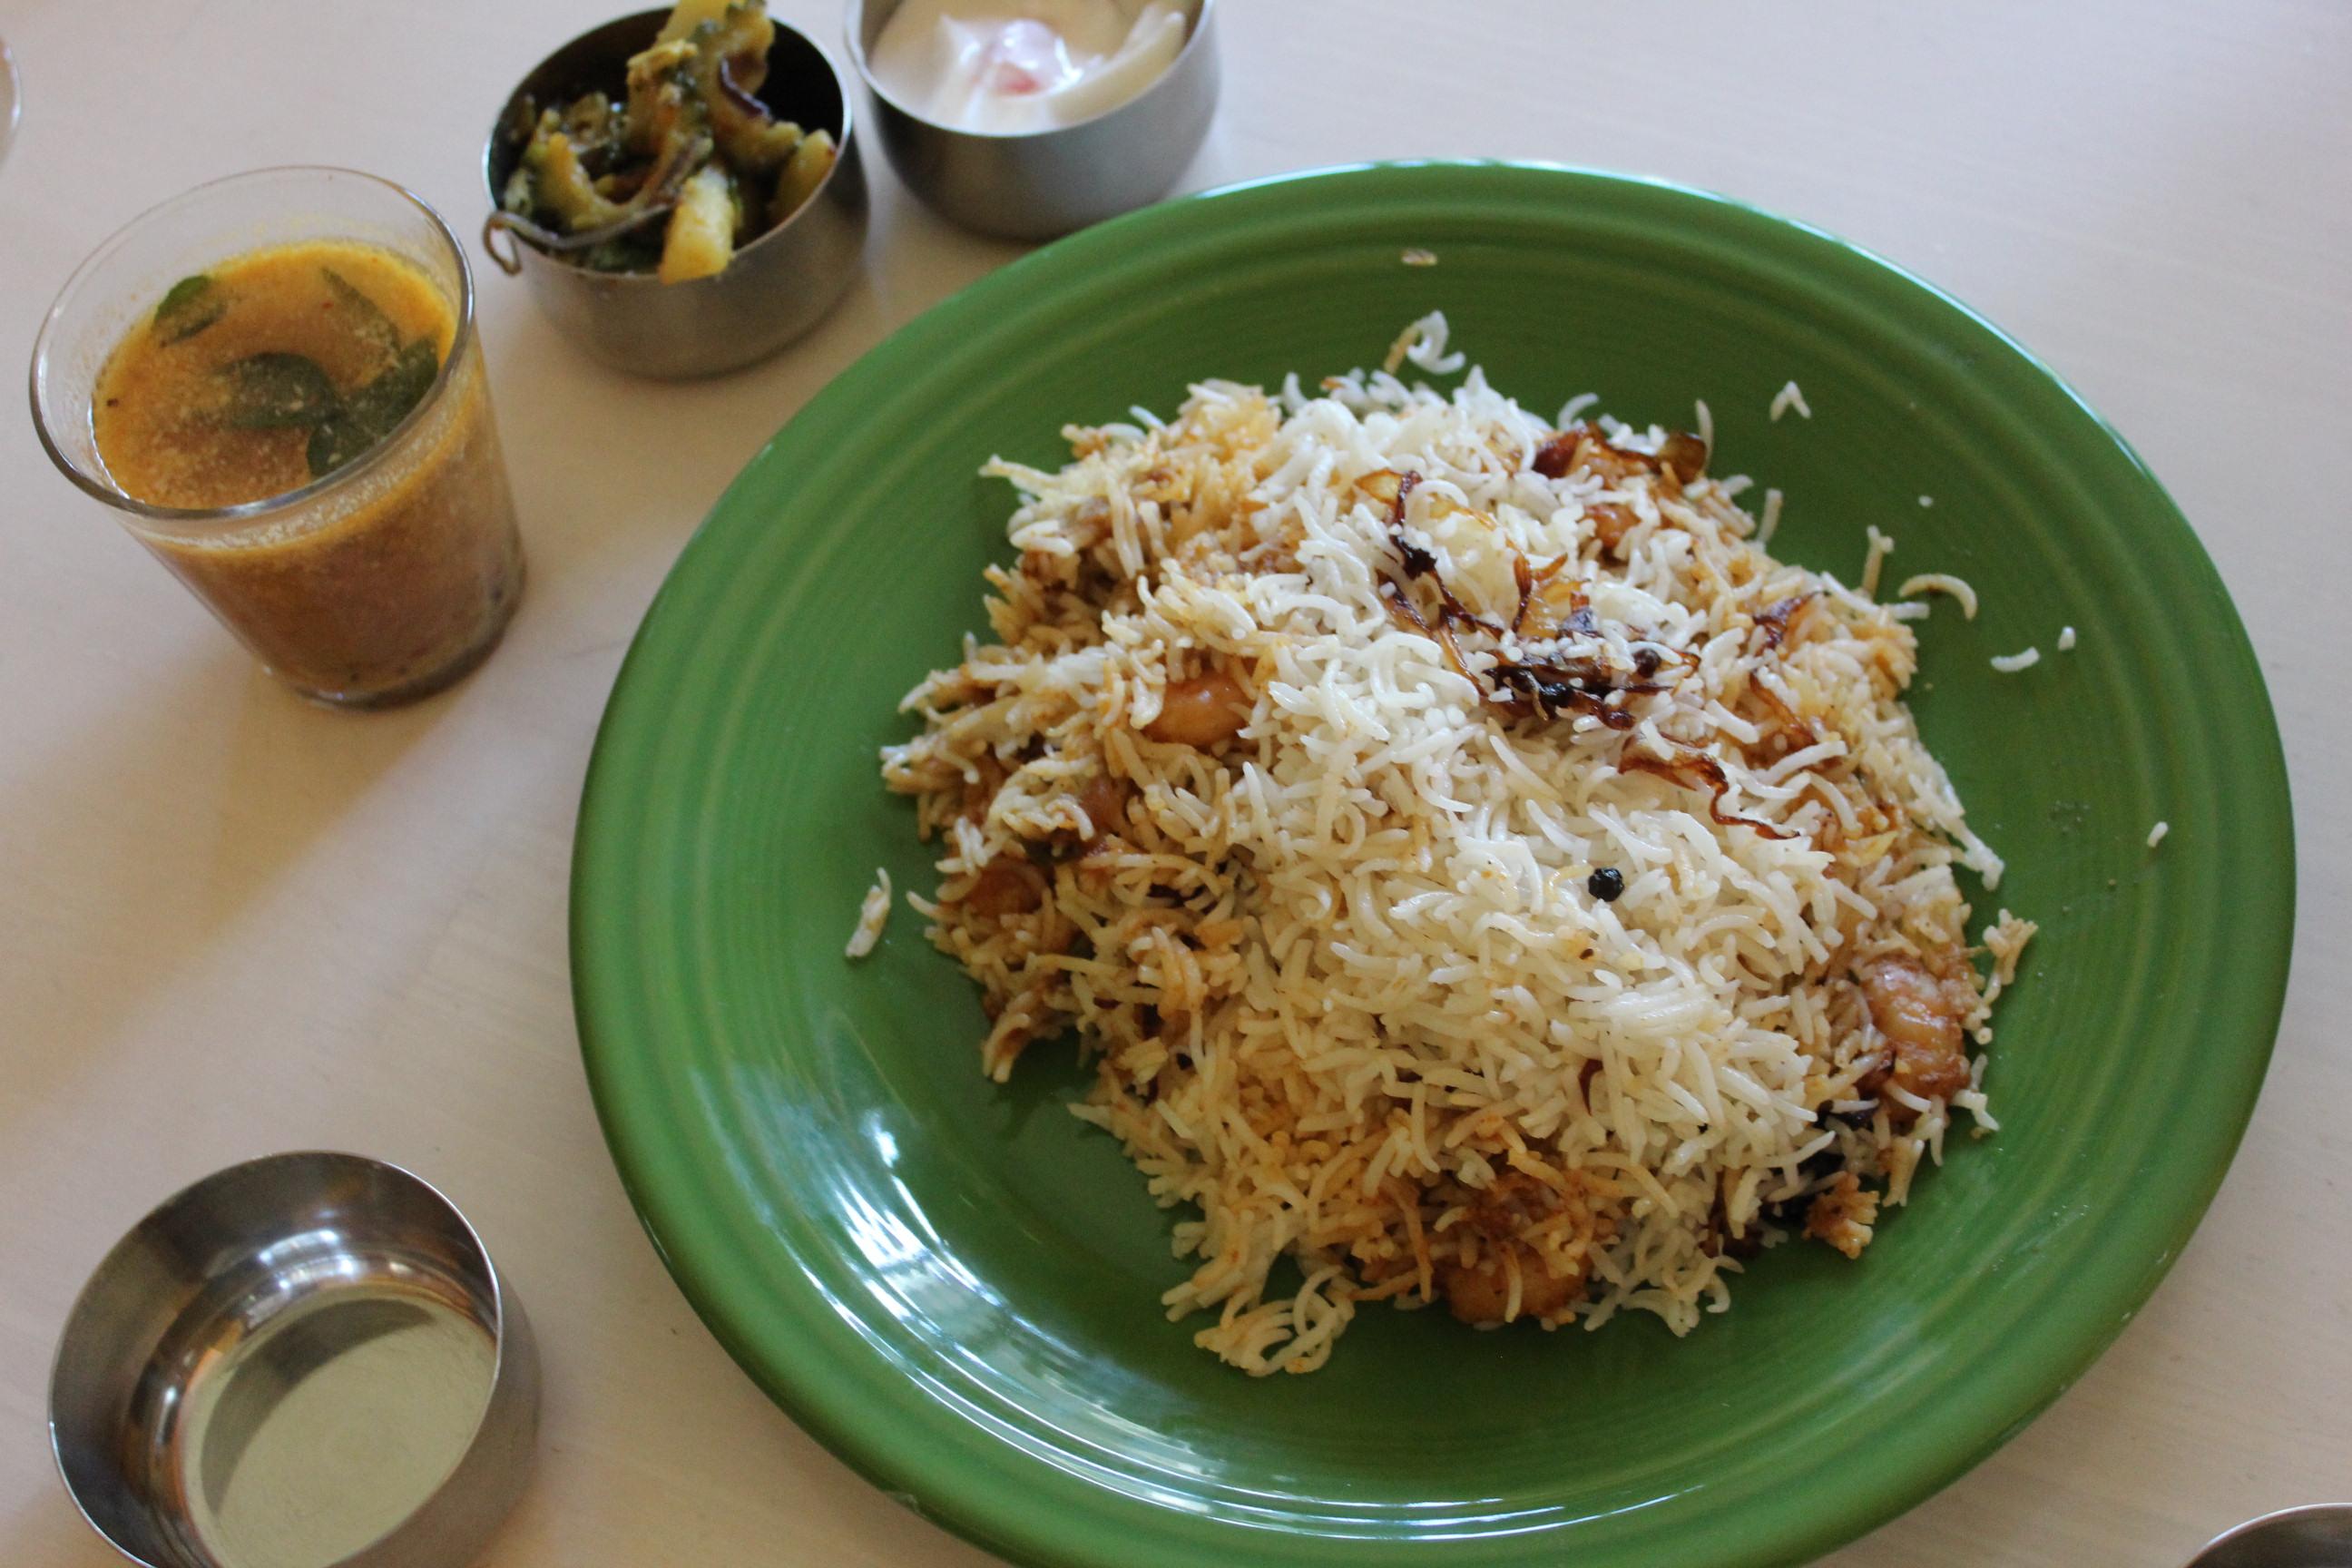 ハイデラバードビリヤニに飽きたあなたへ贈る、海老ビリヤニのレシピとコツ